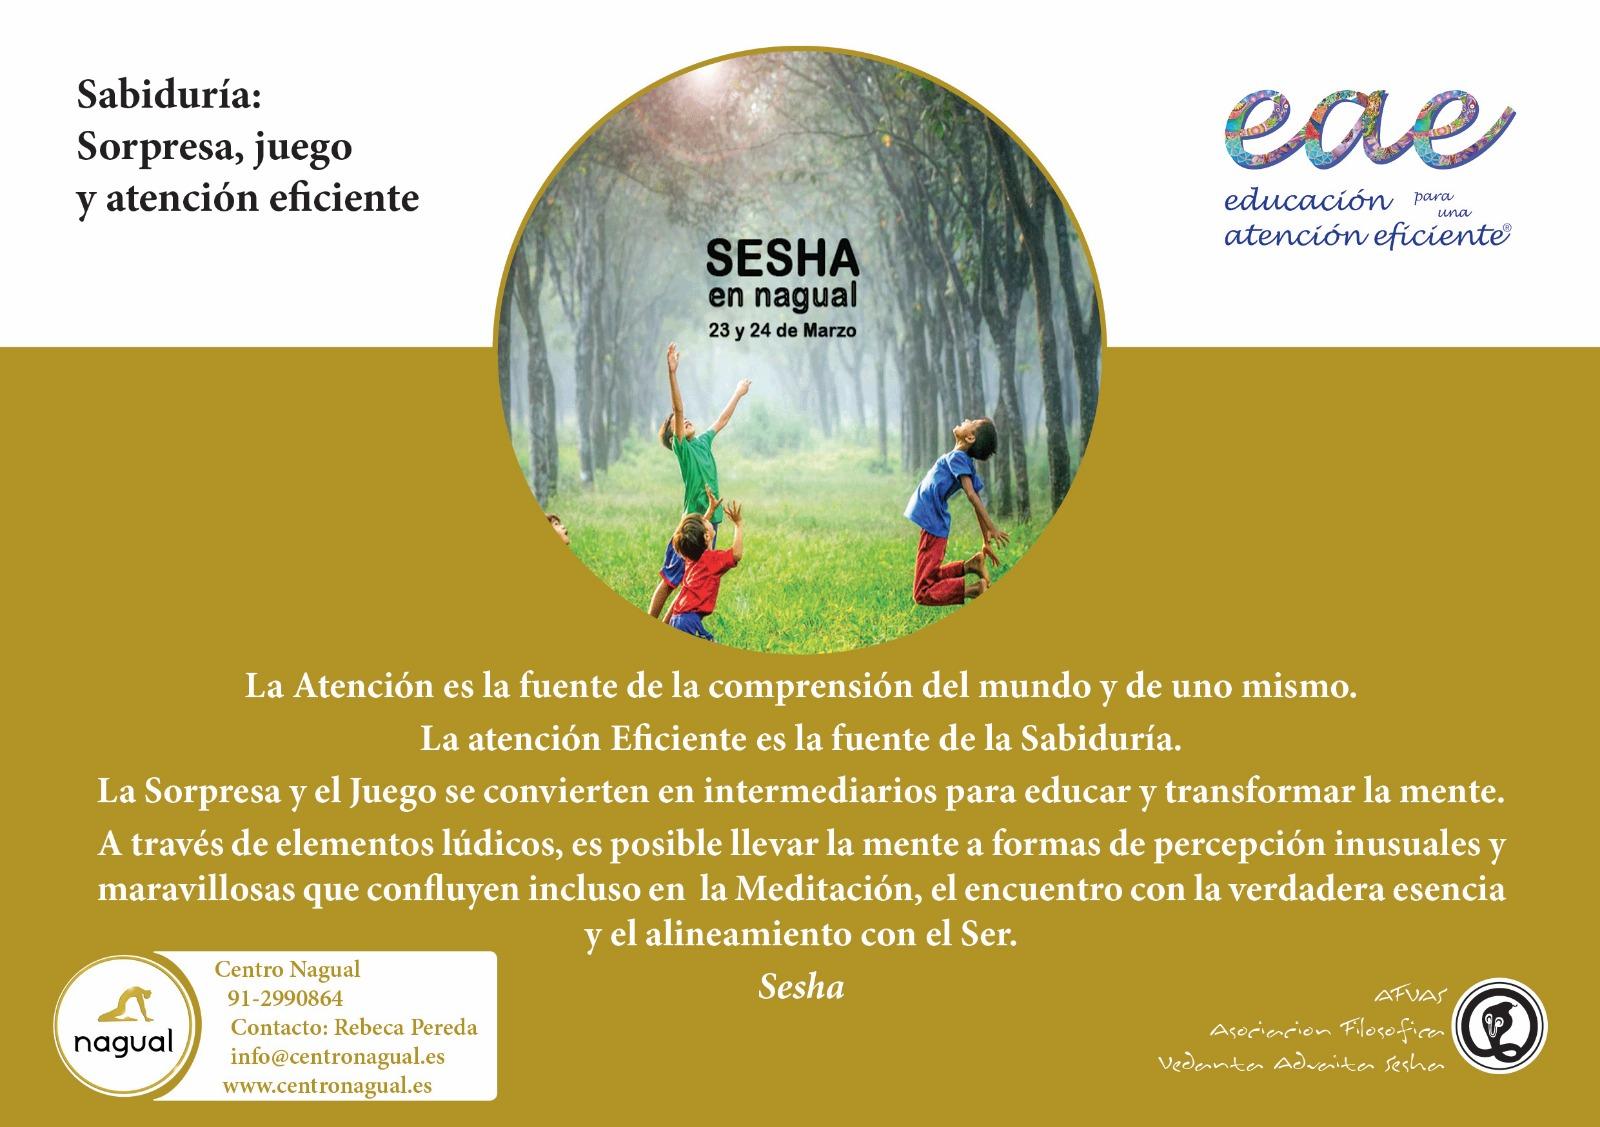 JUEGO, SORPRESA Y ATENCIÓN EFICIENTE Con Sesha